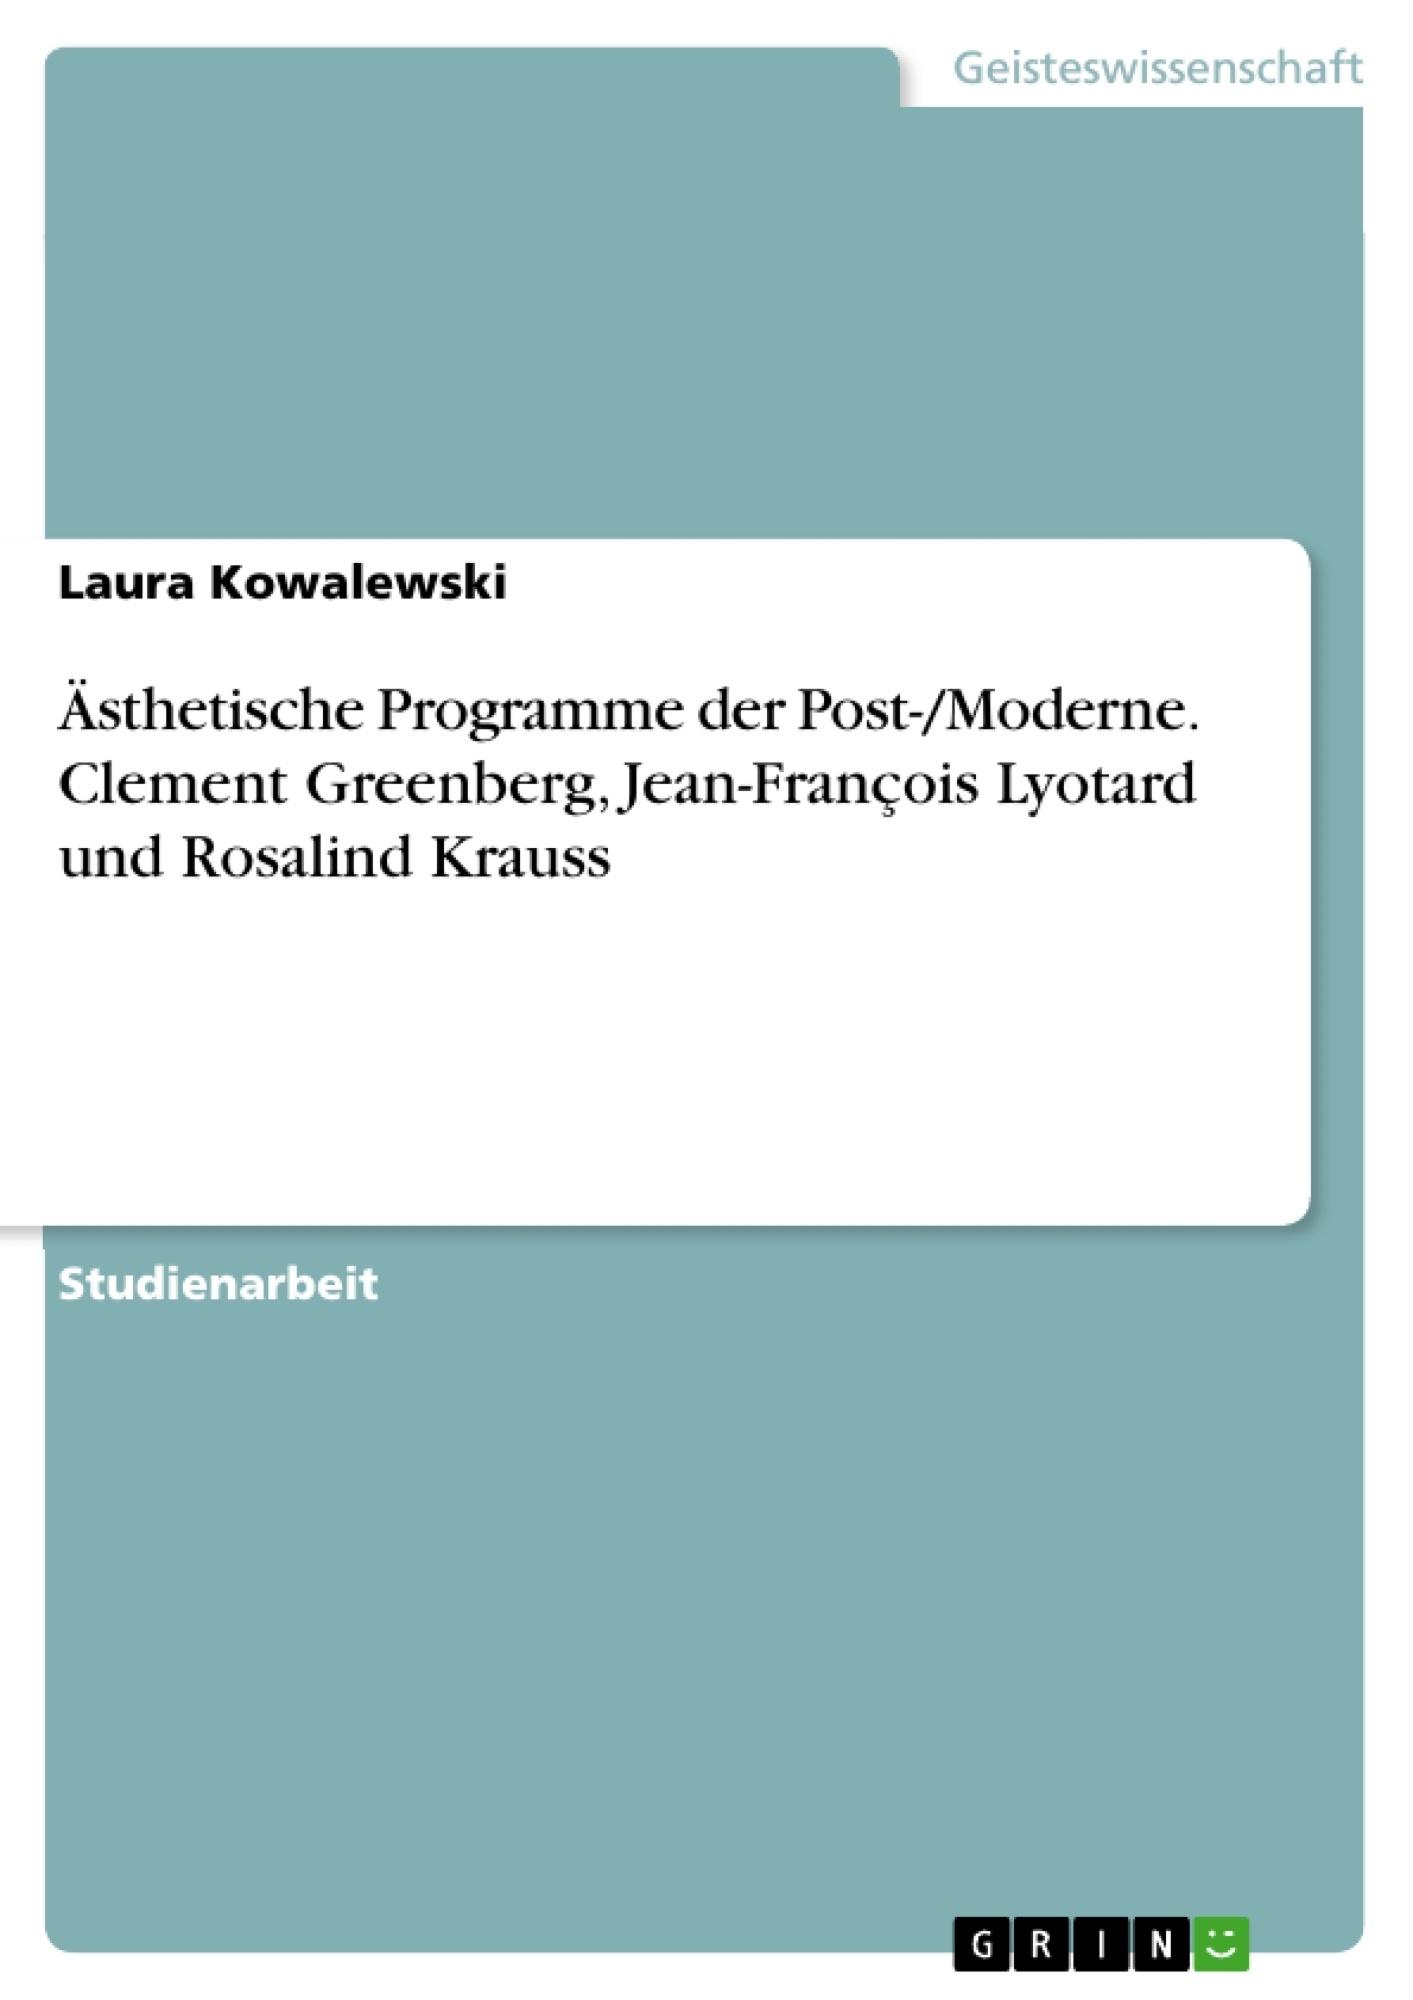 Titel: Ästhetische Programme der Post-/Moderne. Clement Greenberg, Jean-François Lyotard und Rosalind Krauss